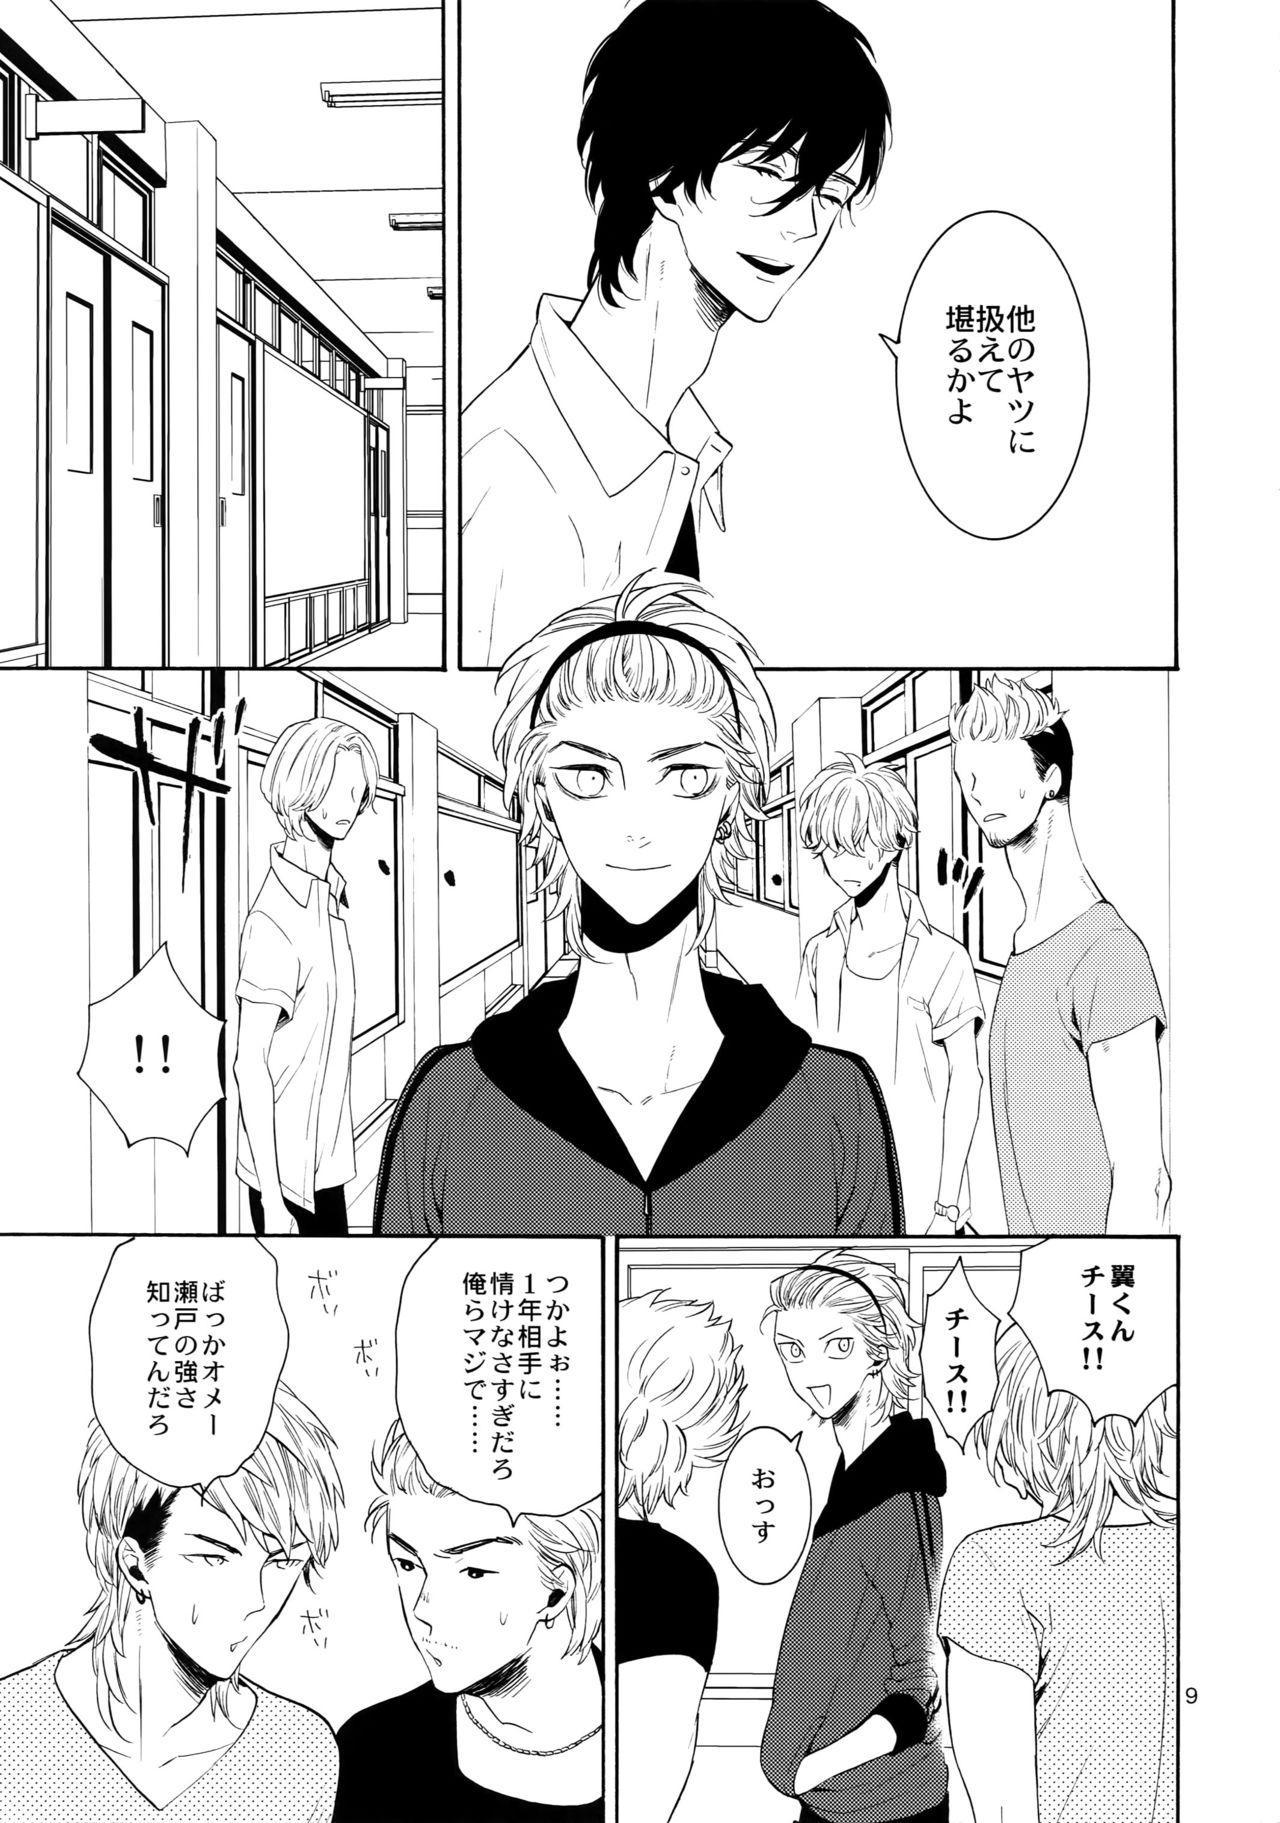 Uruwashi no Vinca Major 7